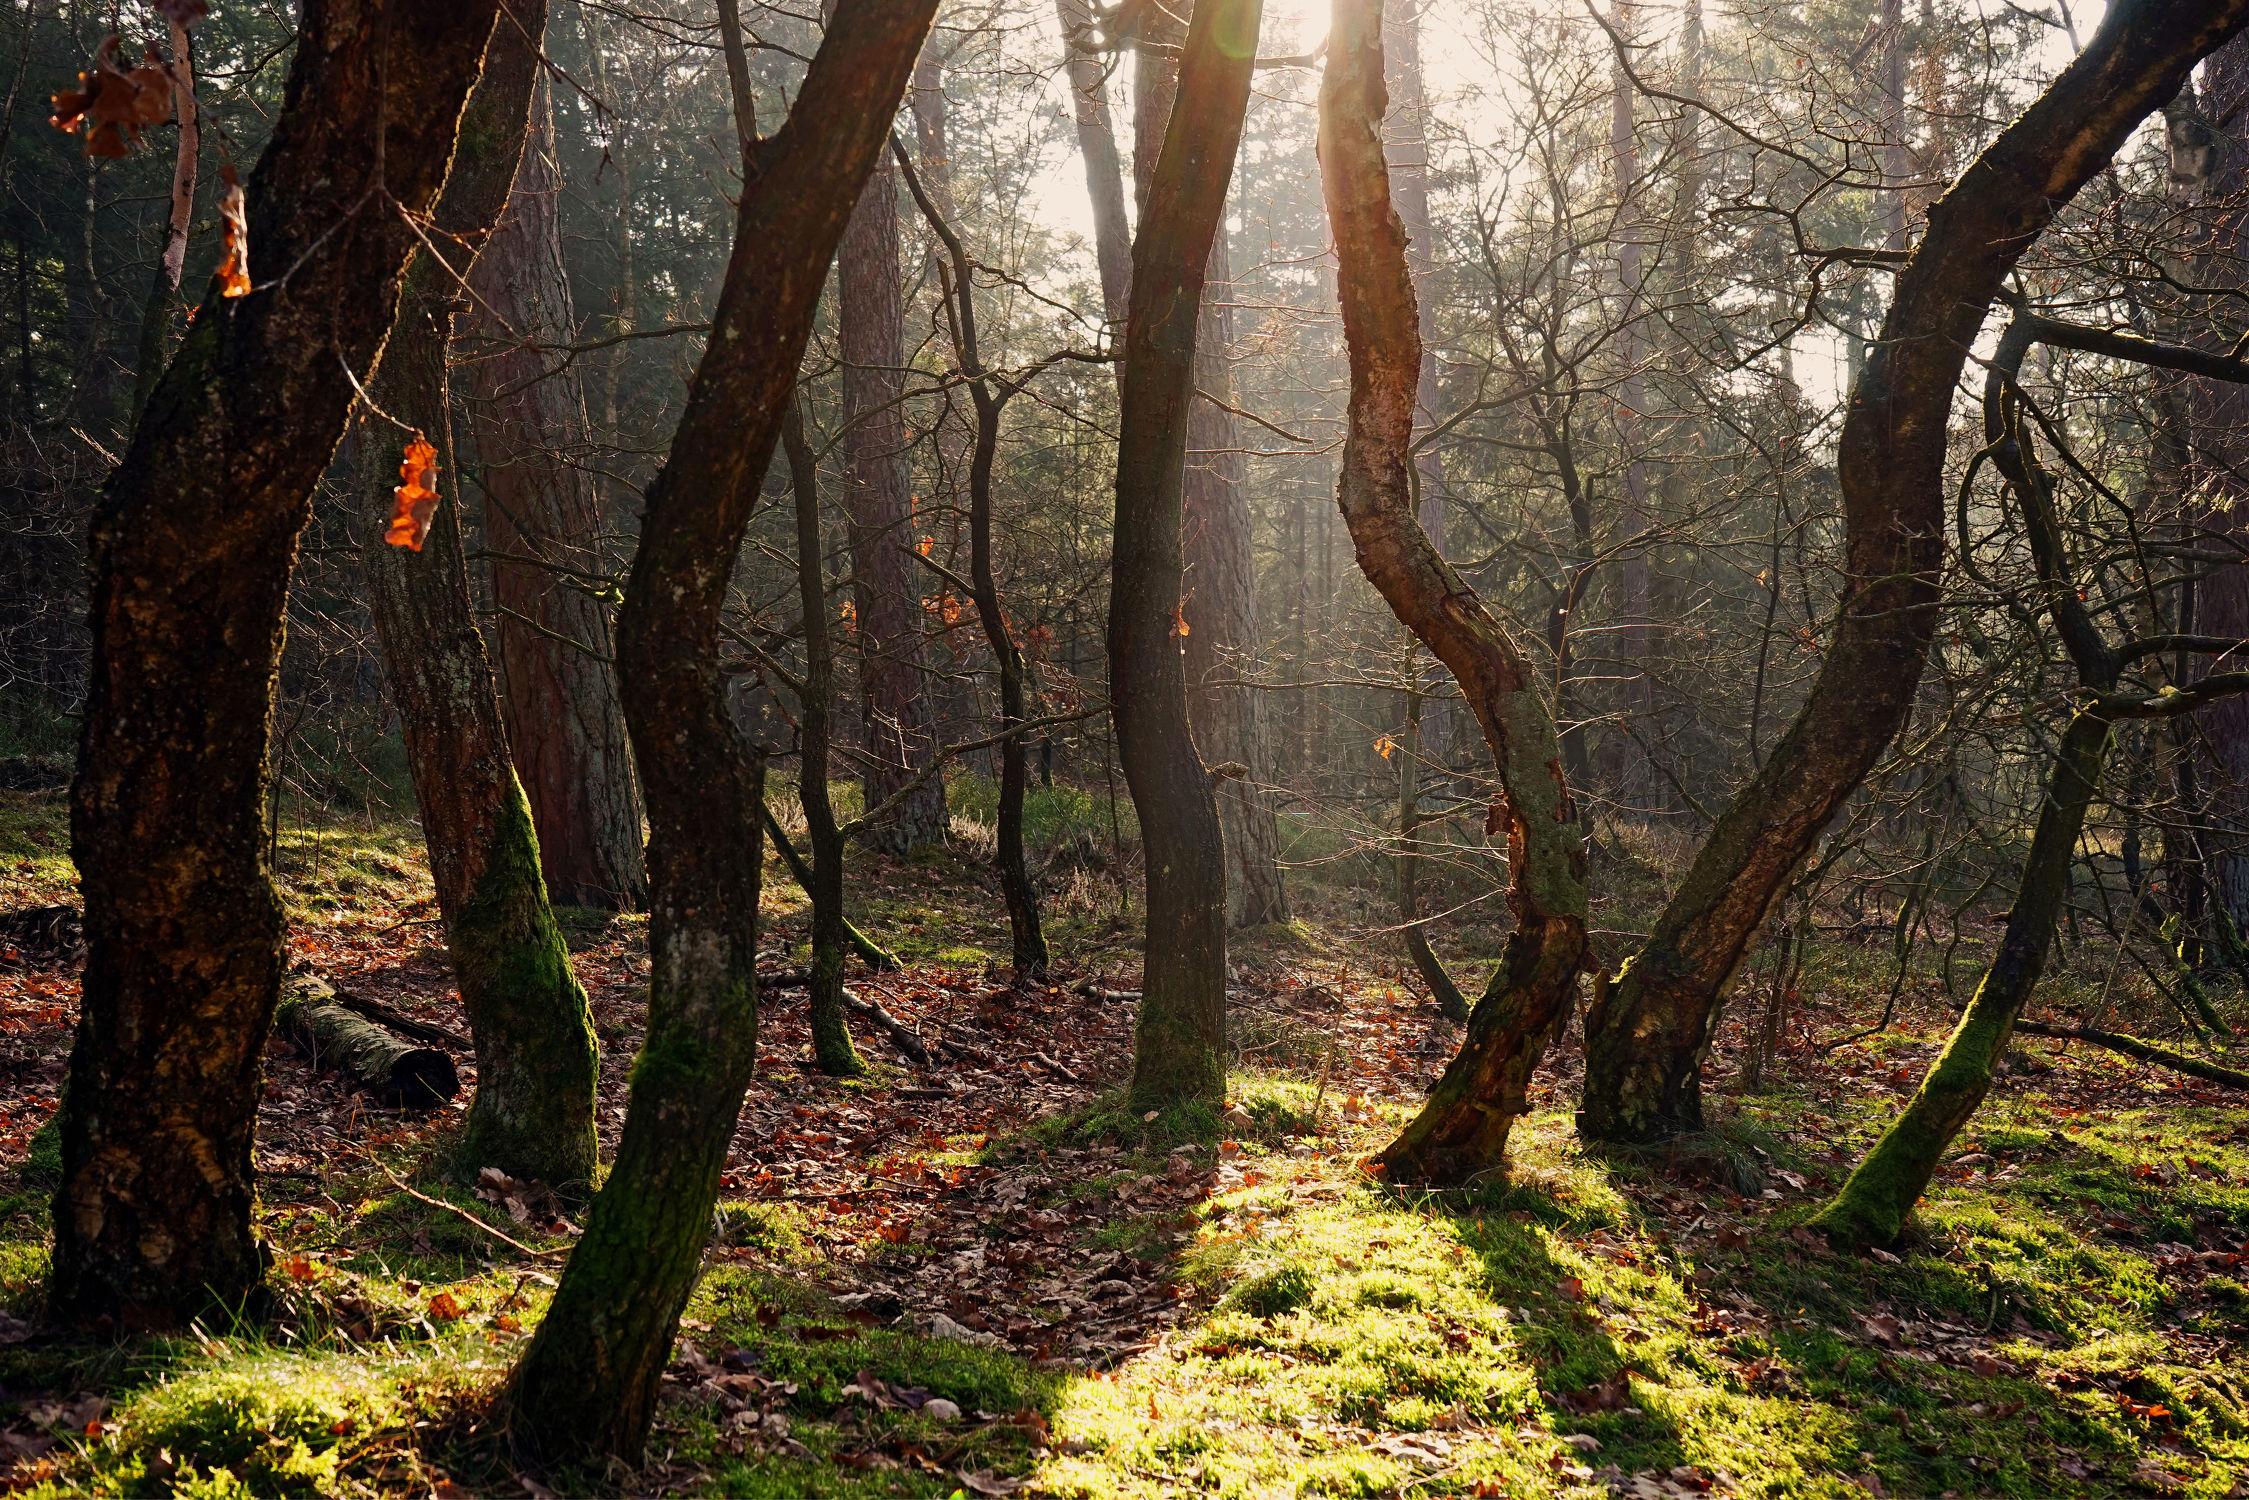 Bild mit Bäume, Wälder, Sonne, Wald, Baum, Gegenlicht, Sonnenstrahlen, Unterholz, Idylle, Baumstümpfe, Strahlen, Waldränder, Urig